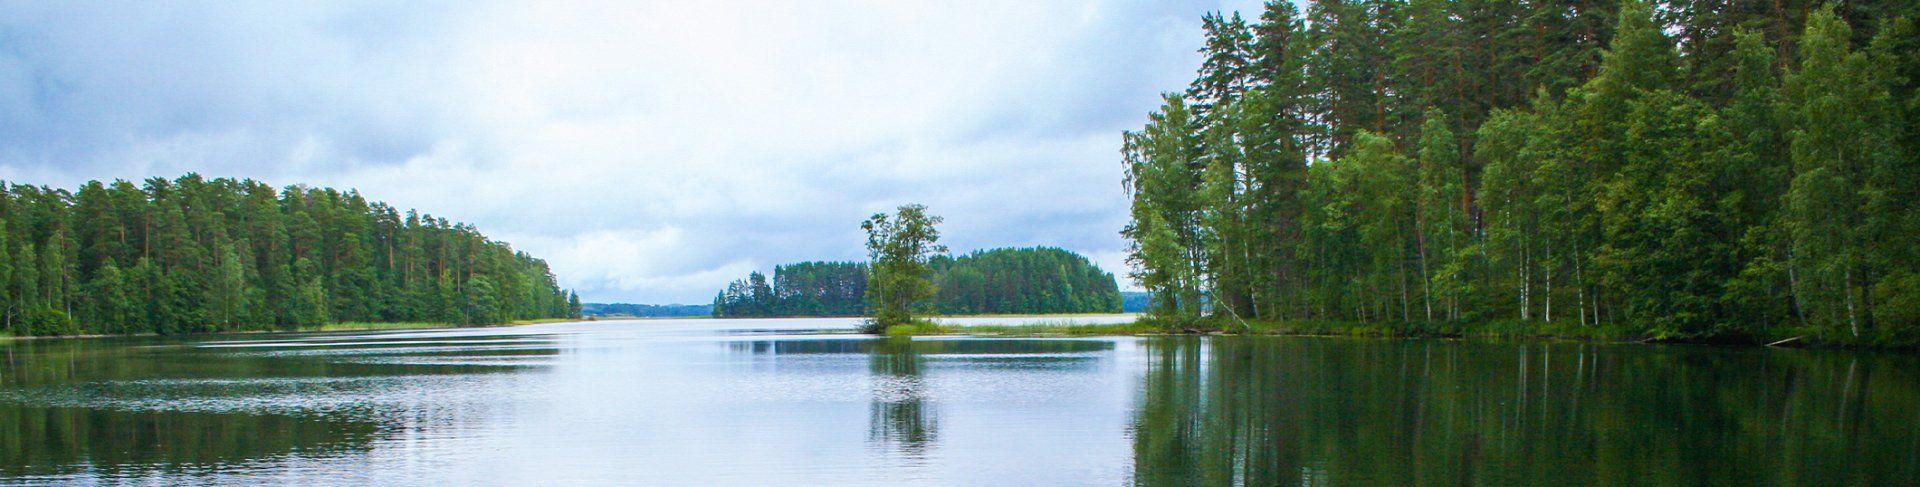 Oulun Keskus Apteekki